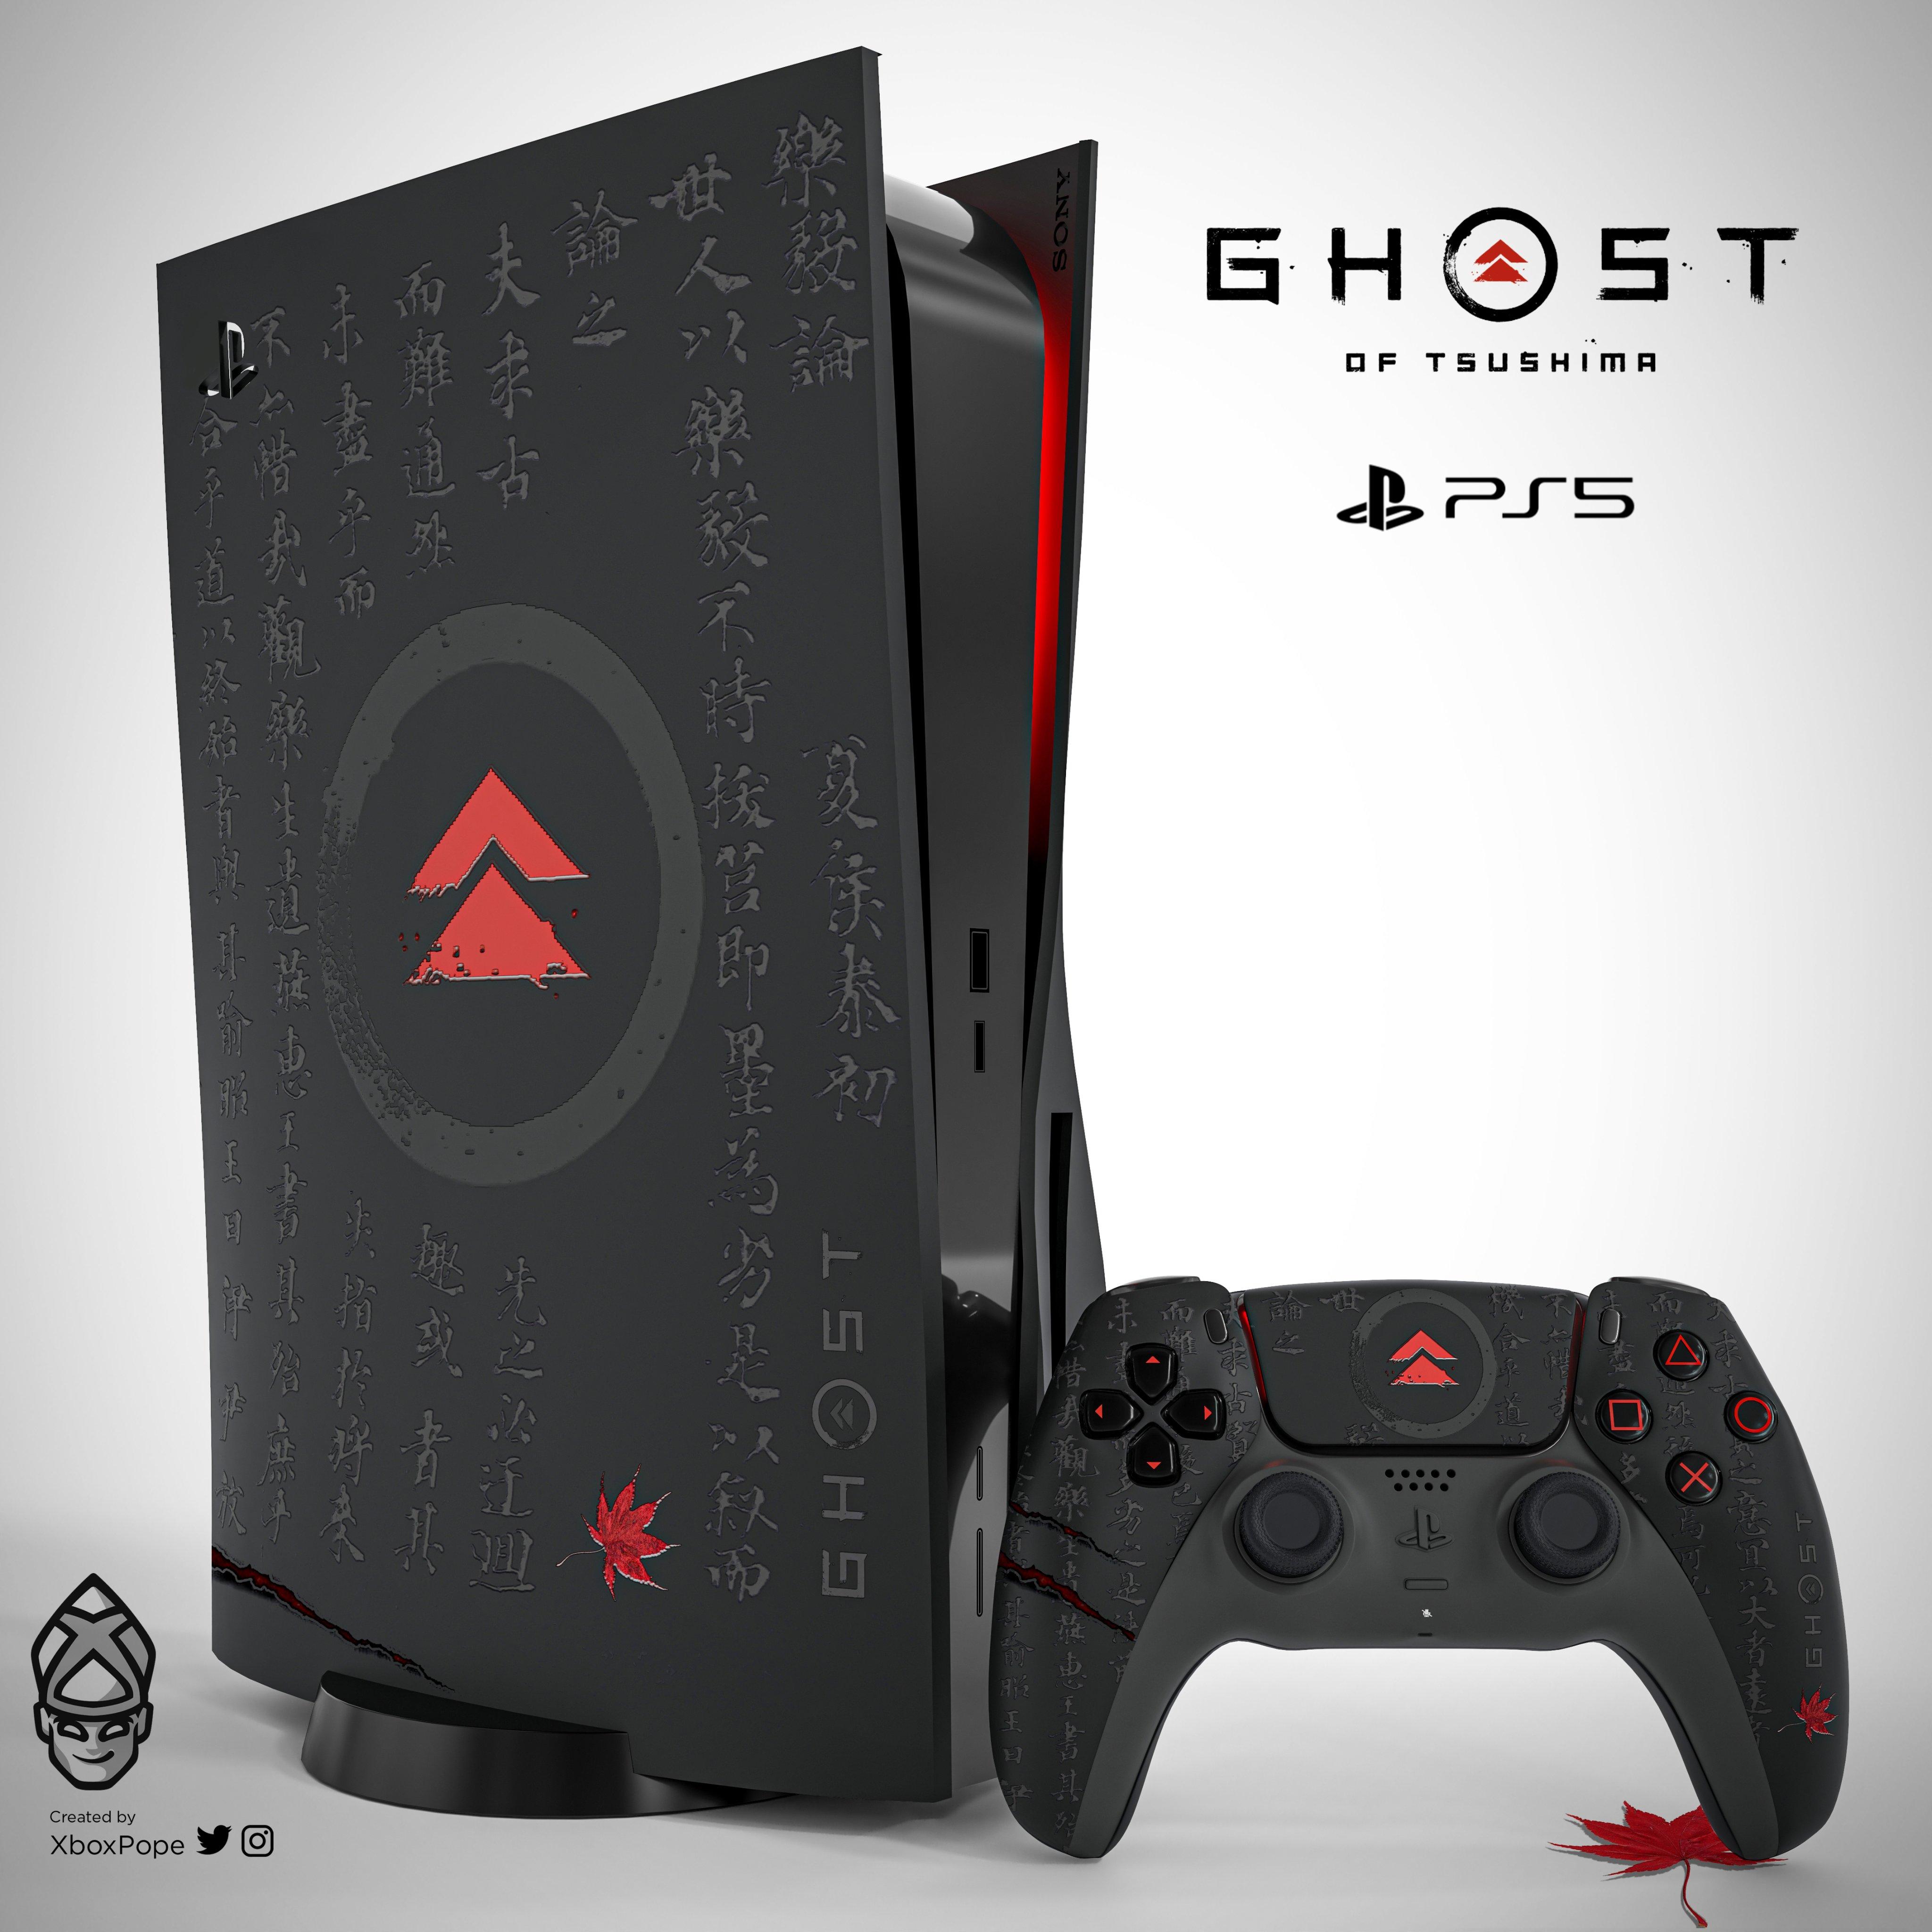 PlayStation 5 - Ghost of Tsushima